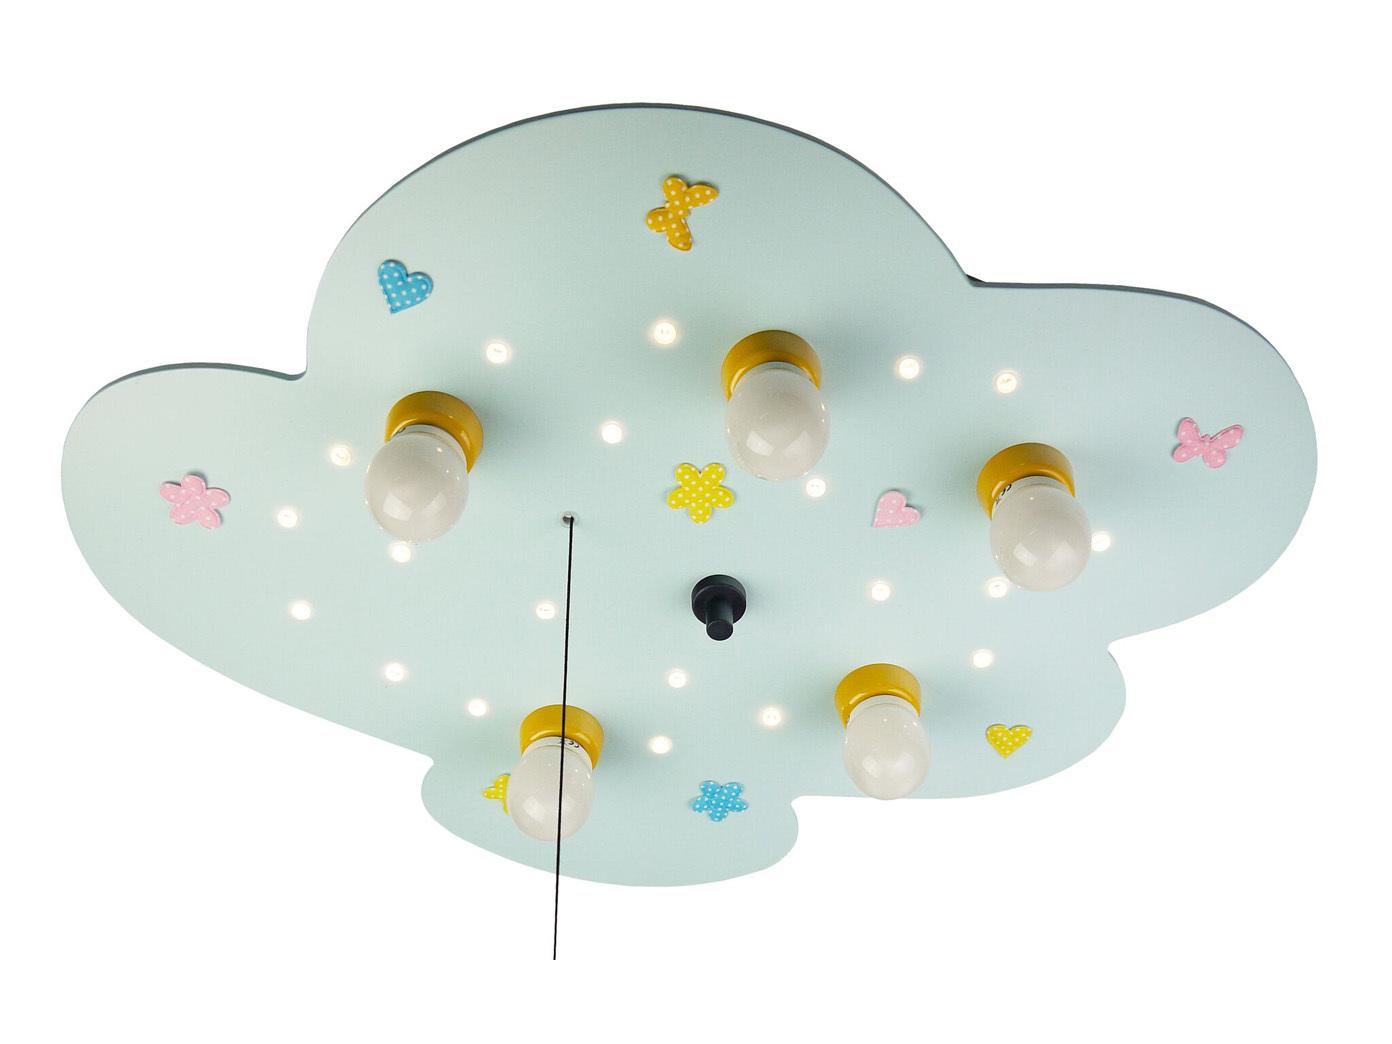 Led deckenlampe f r kinderzimmer wolke amazon echo kompatibel led schlummerlicht eur 124 99 - Amazon kinderzimmer ...